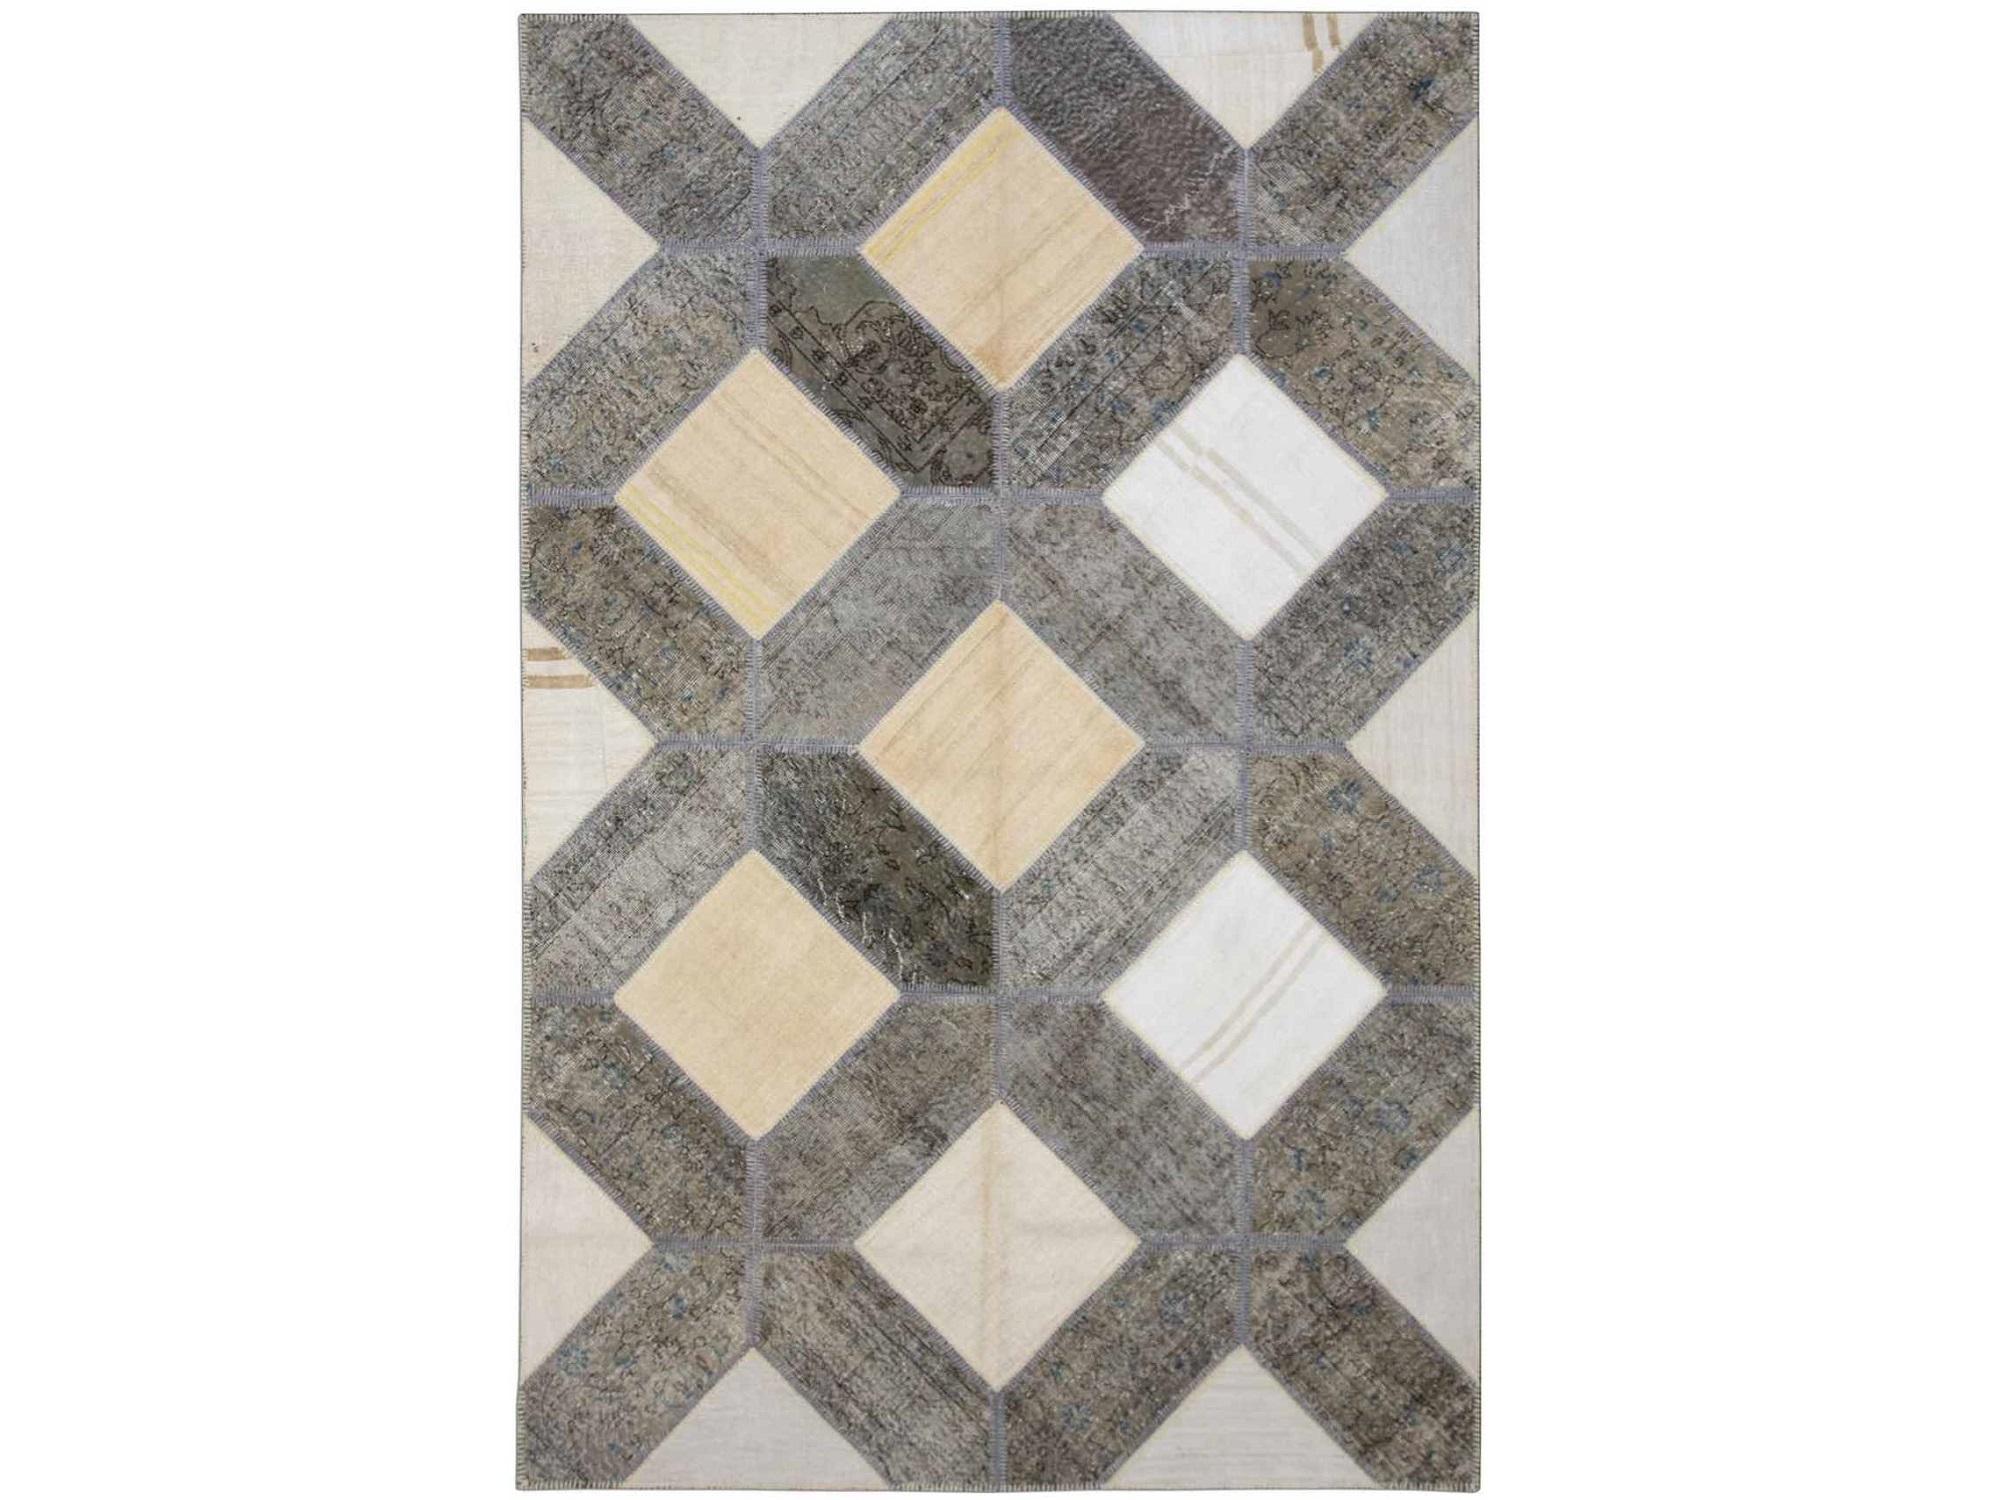 Ковер PatchworkПрямоугольные ковры<br>Винтажный ковер ручной работы в стиле &amp;quot;пэчворк&amp;quot; <br>из 100% шерсти. Ковер прекрасно подходит в <br>любые современные и классические интерьеры, <br>а благодаря толщине ковра всего 5 мм и отсутствию <br>ворса, его легко чистить любыми видами пылесосов. <br>Этот настоящий ковер ручной работы не потеряет <br>своих красок и будет служить десятилетия.<br><br>Material: Шерсть<br>Ширина см: 198<br>Глубина см: 305